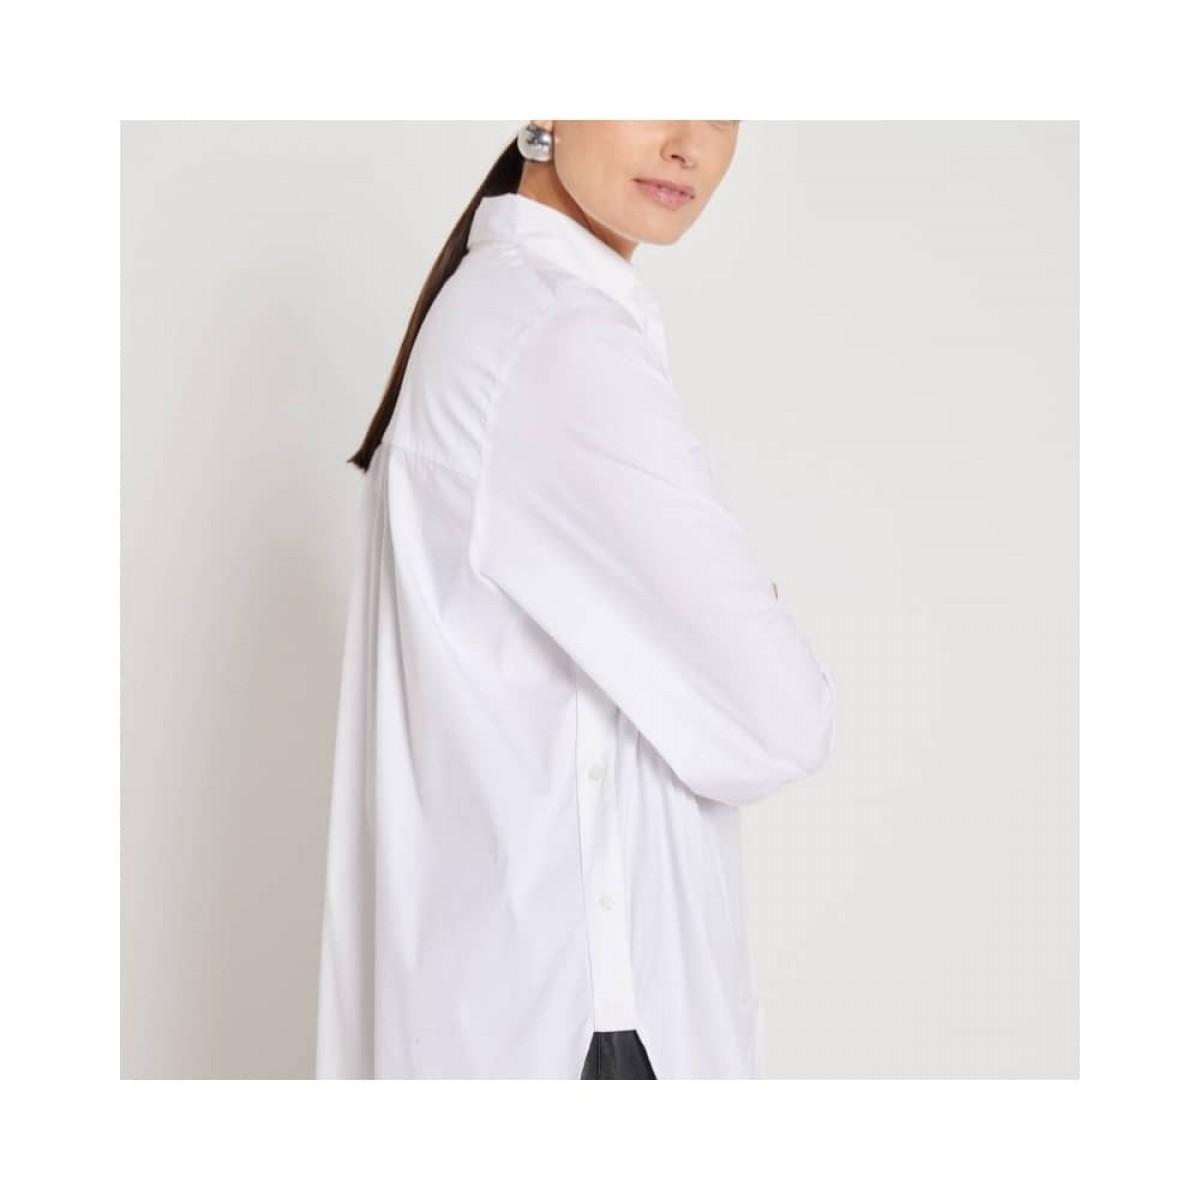 claudia skjorte - white - model fra siden